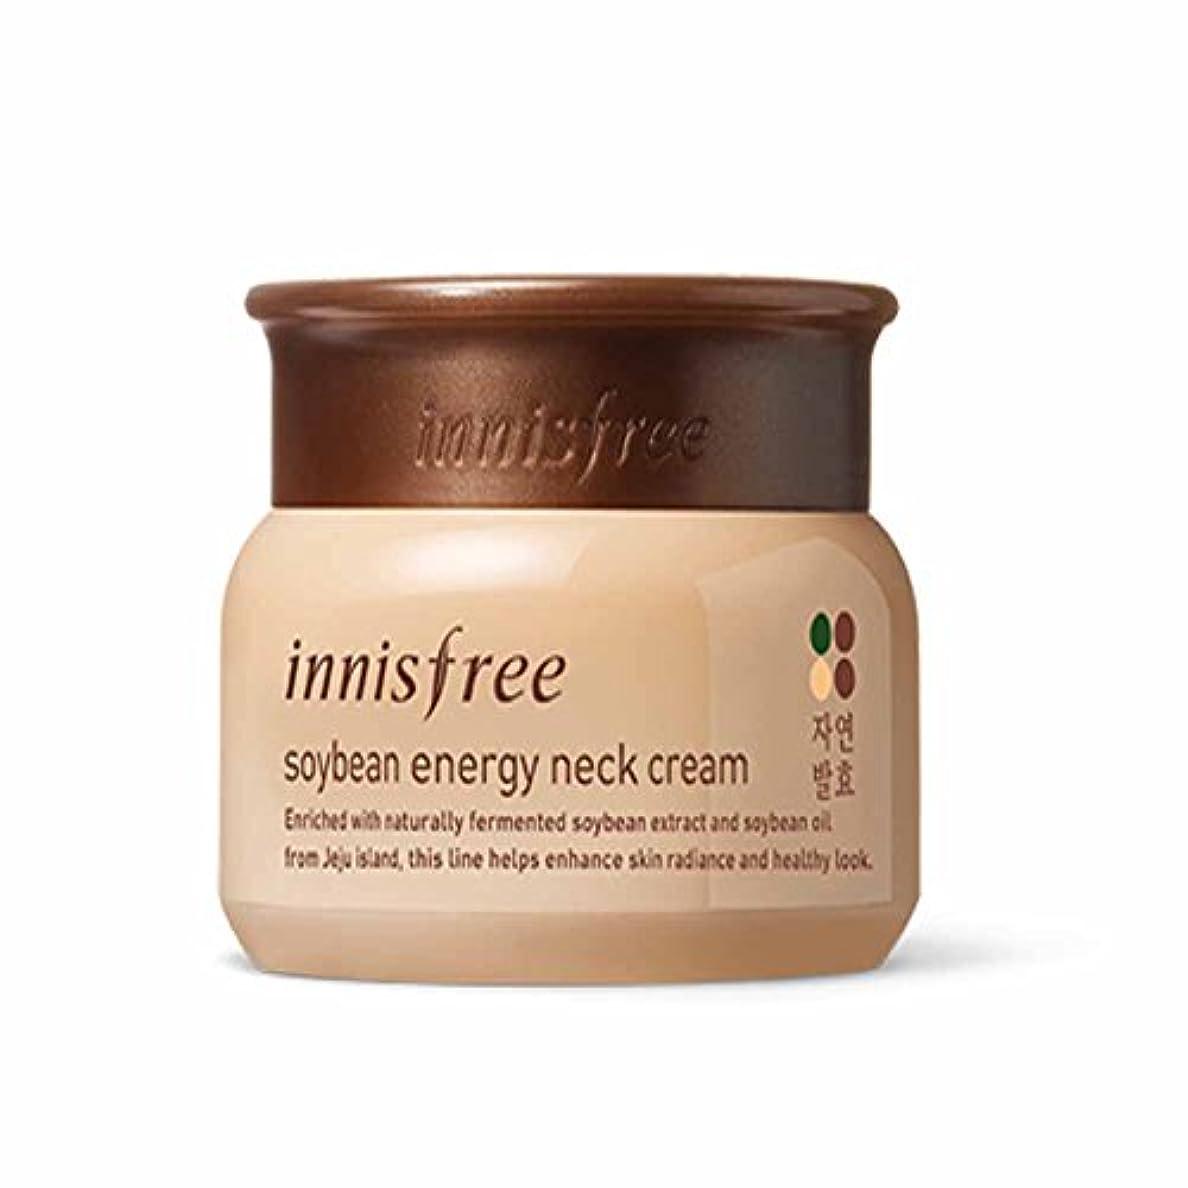 公演無声でグリーンランドイニスフリーソーイングエナジーネッククリーム80ml / Innisfree Soybean Energy Neck Cream 80ml[海外直送品] [並行輸入品]